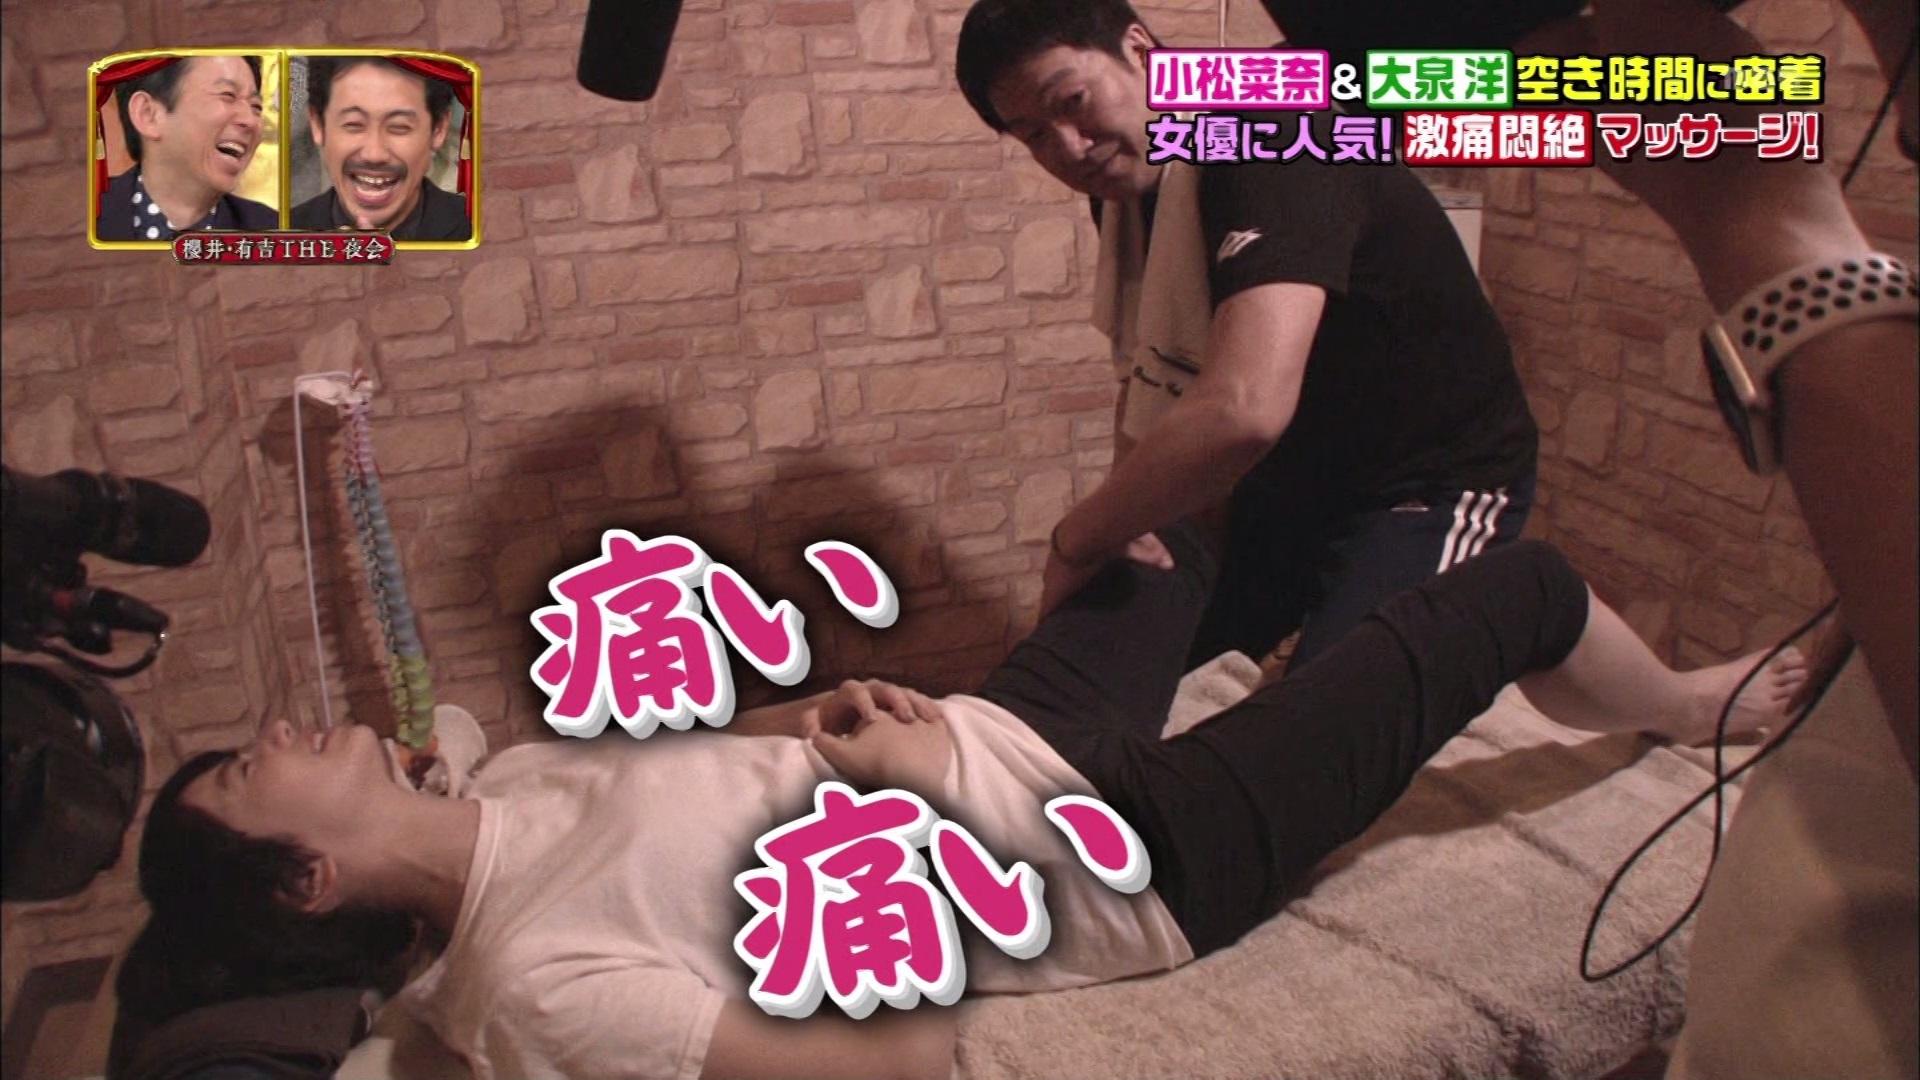 小松菜奈_マッサージ_テレビキャプ画像_20